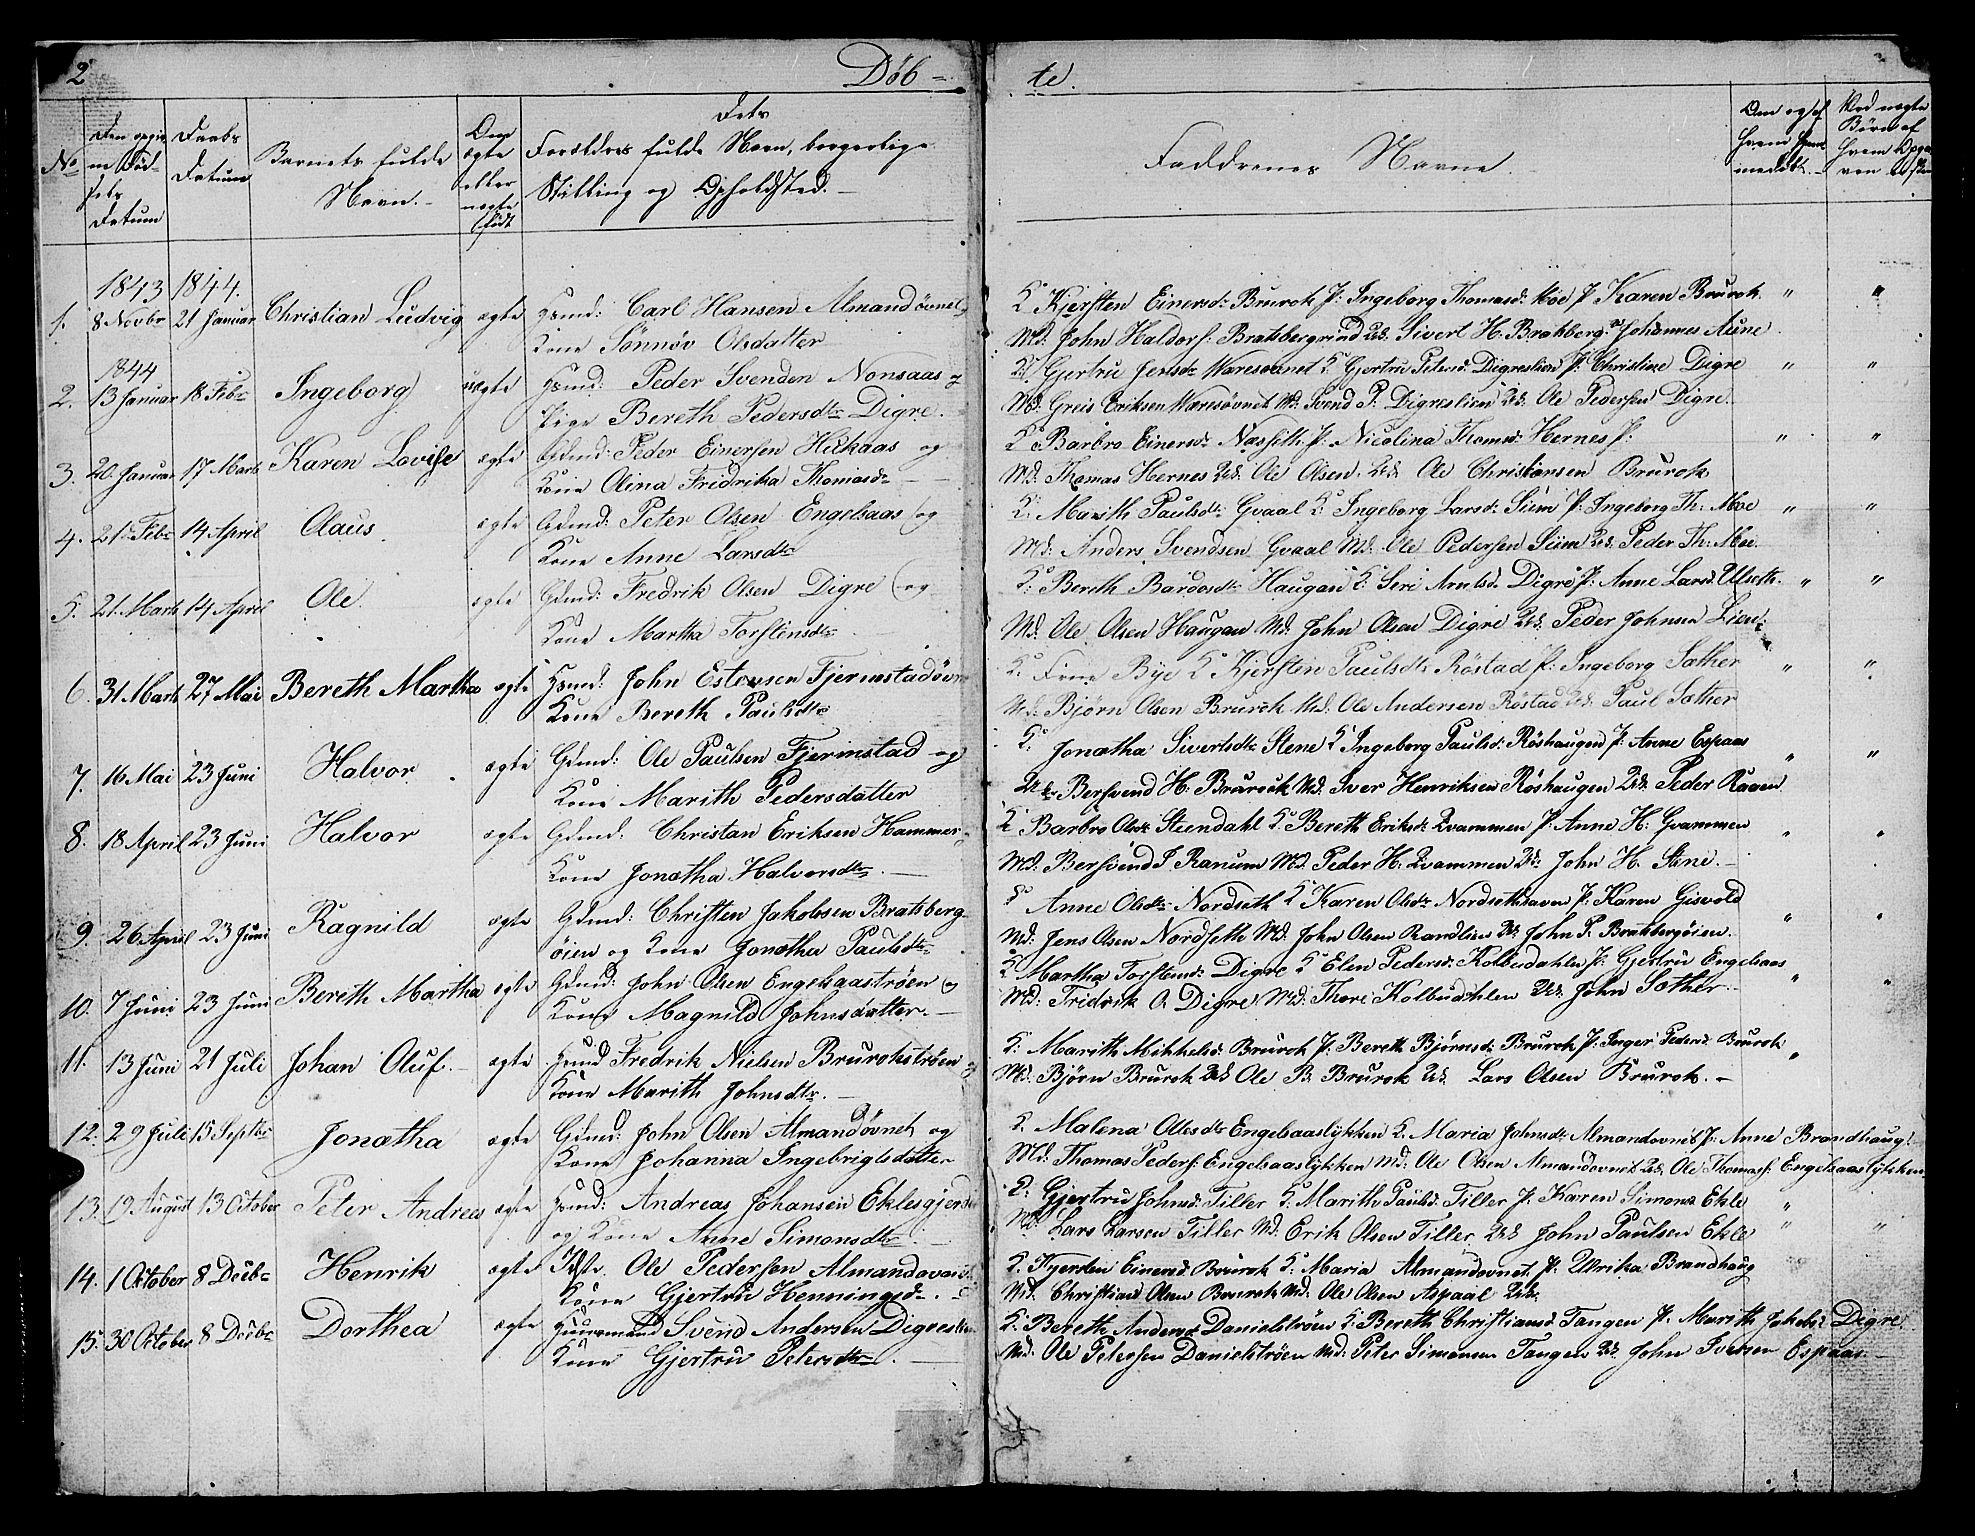 SAT, Ministerialprotokoller, klokkerbøker og fødselsregistre - Sør-Trøndelag, 608/L0339: Klokkerbok nr. 608C05, 1844-1863, s. 2-3